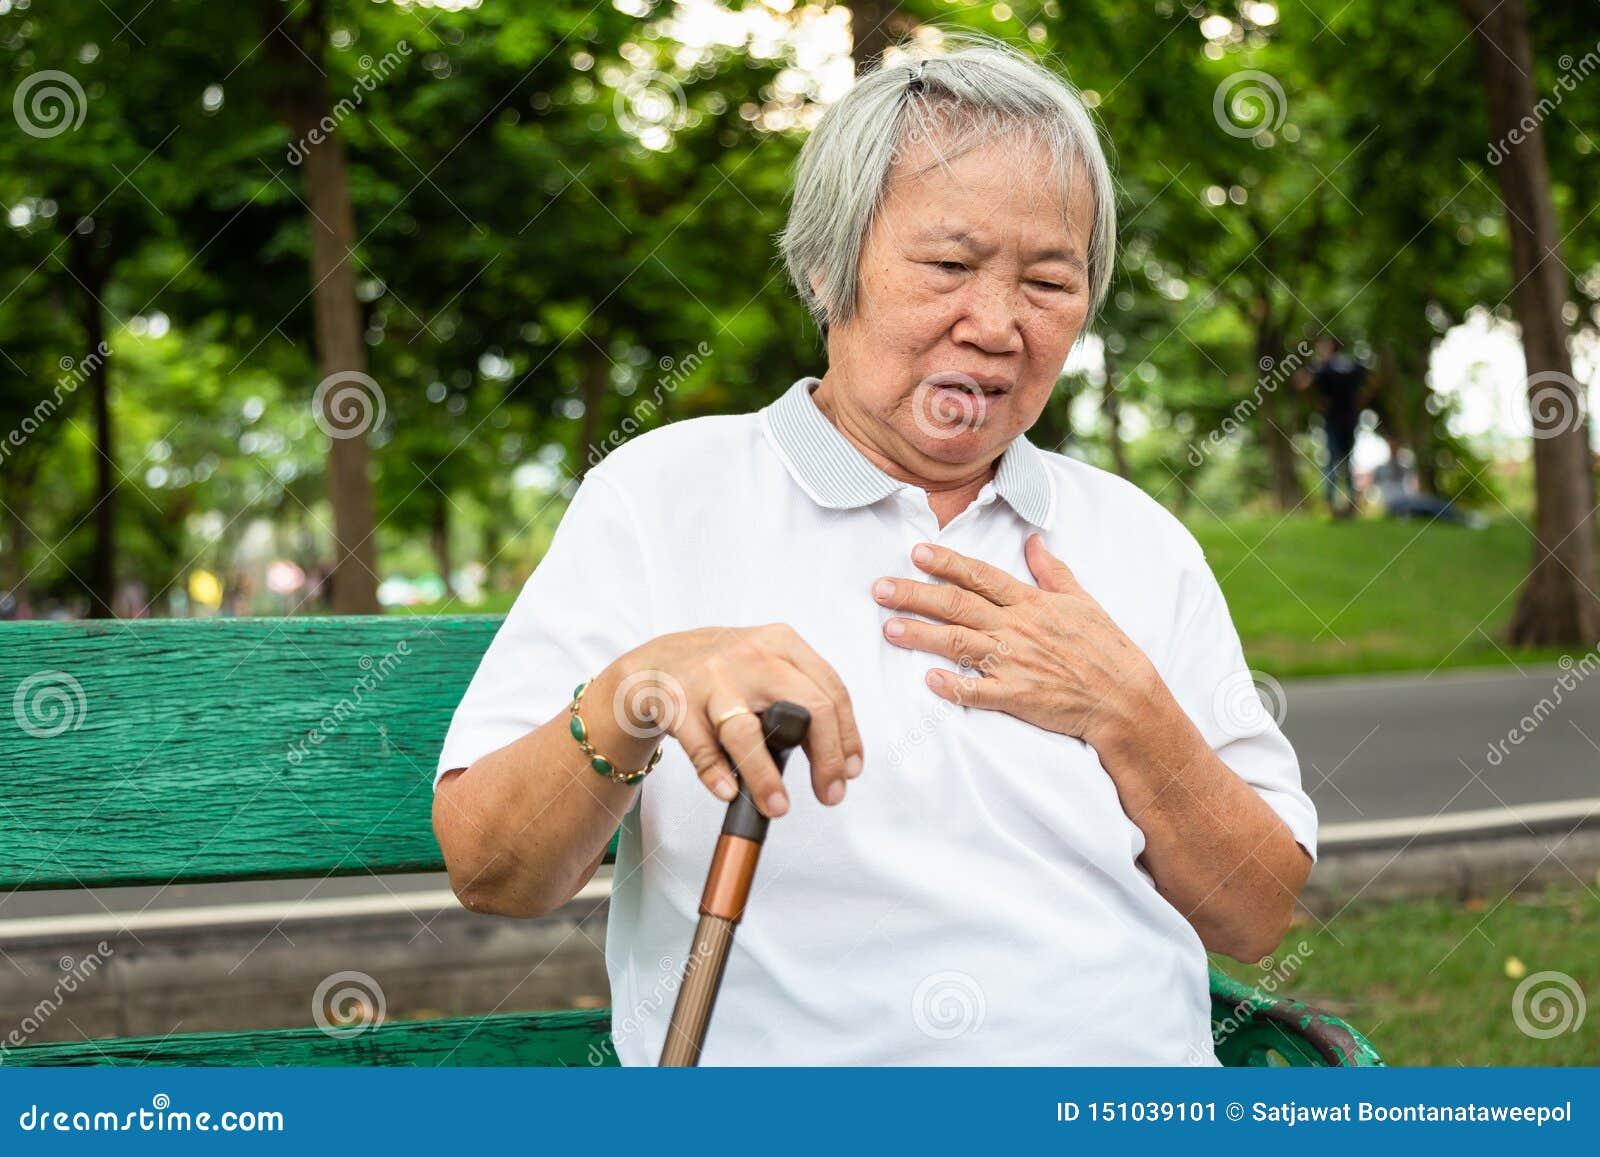 De Aziatische bejaarde mensen met bepaalde symptomen, moeilijkheid die, het lijden of hartproblemen, delen de symptomen van hart